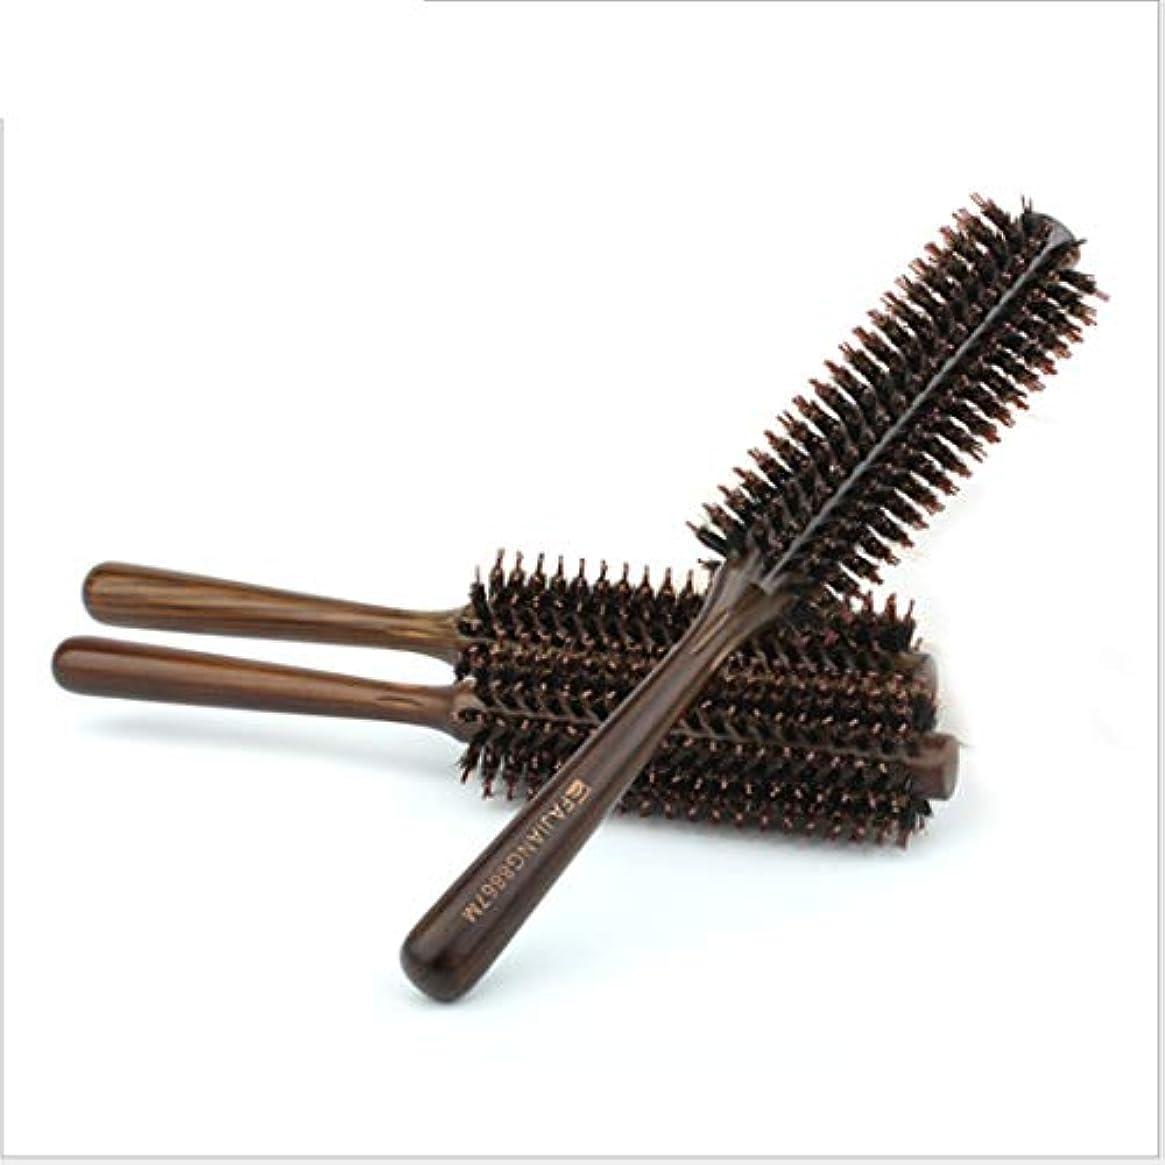 汚れたステップモーター11インチの特別なローラーの櫛のスタイリングのヘアブラシ、女性のためのカーリーナシ頭形状くし モデリングツール (サイズ : S)